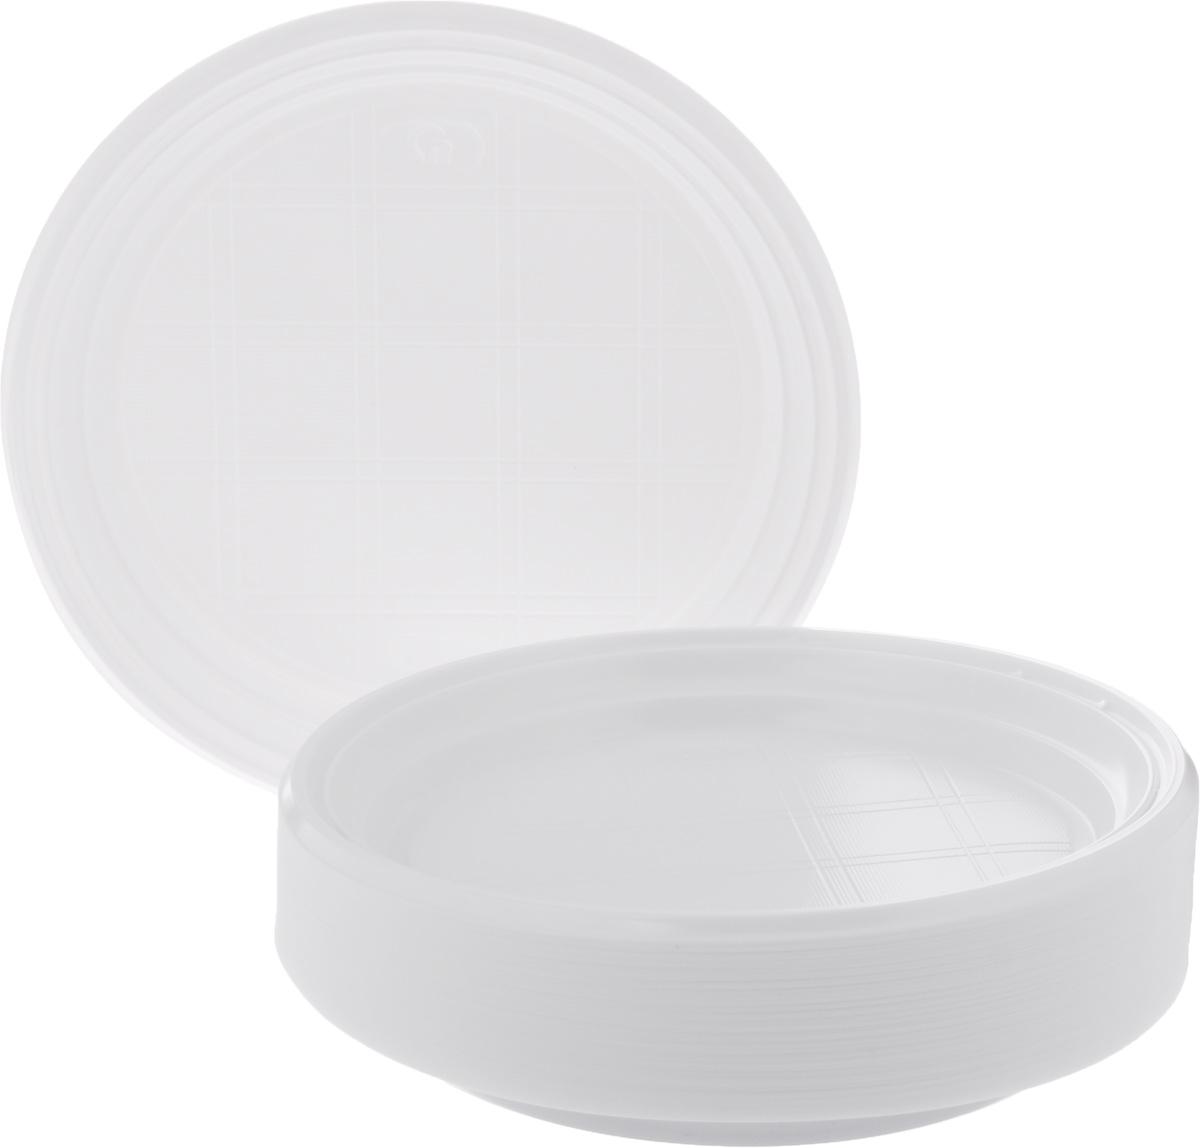 Набор одноразовых тарелок Стиролпласт, диаметр 20,5 см, 100 штукVT-1520(SR)Набор Стиролпласт состоит из 100 круглых тарелок, выполненных из полистирола и предназначенных для одноразового использования. Подходят для пищевых продуктов.Одноразовые тарелки будут незаменимы при поездках на природу, пикниках и других мероприятиях. Они не займут много места, легки и самое главное - после использования их не надо мыть.Диаметр тарелки: 20,5 см.Высота тарелки: 2 см.